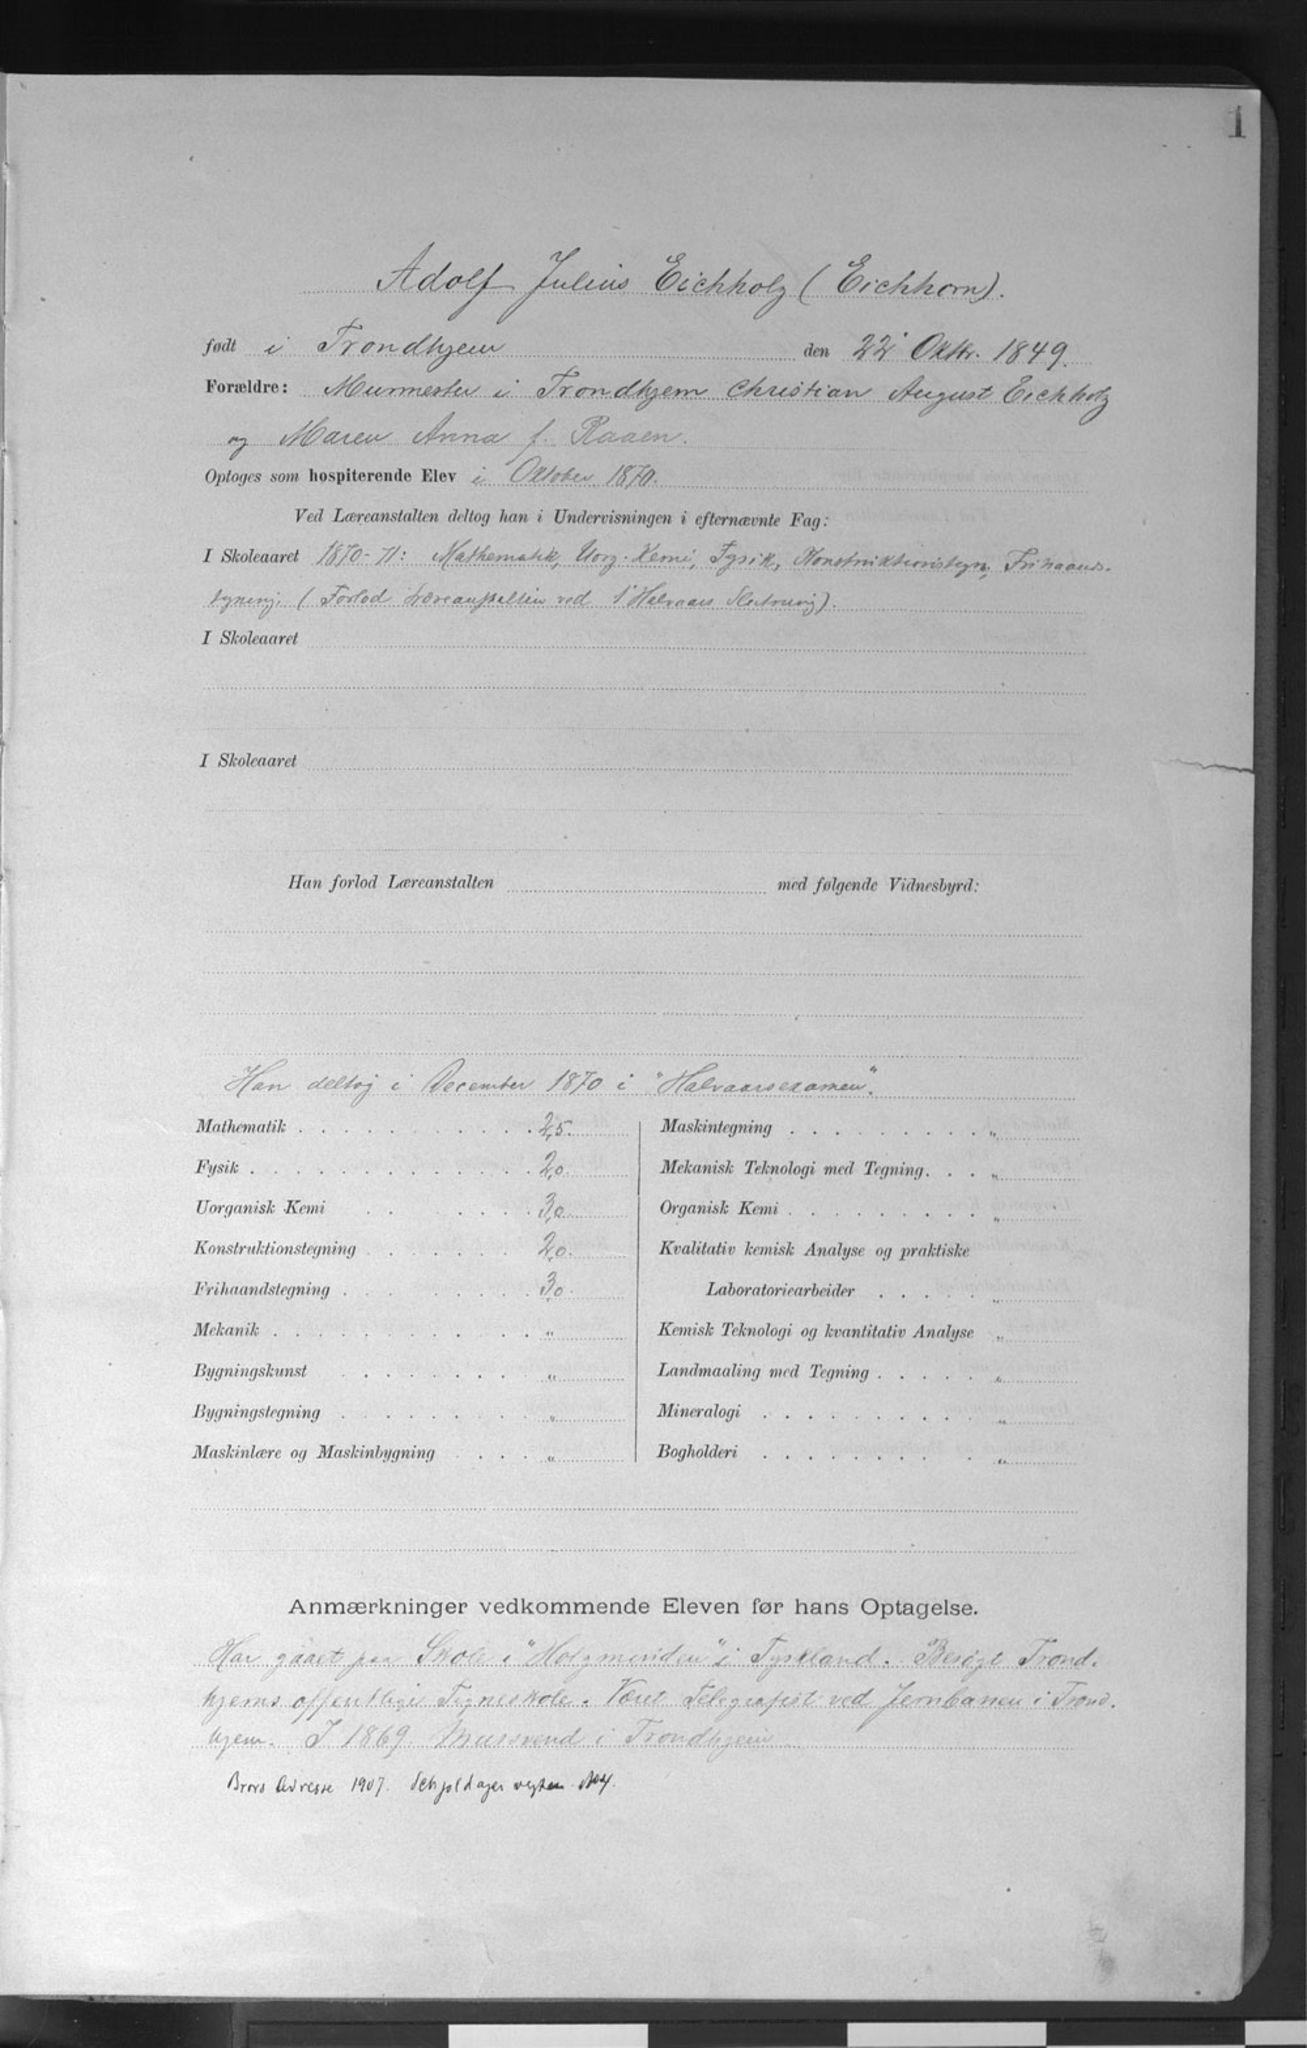 SAT, Trondhjems tekniske læreanstalt, G/Ga/L0050: Karakterprotokoll, hospiterende elever, 1870-1914